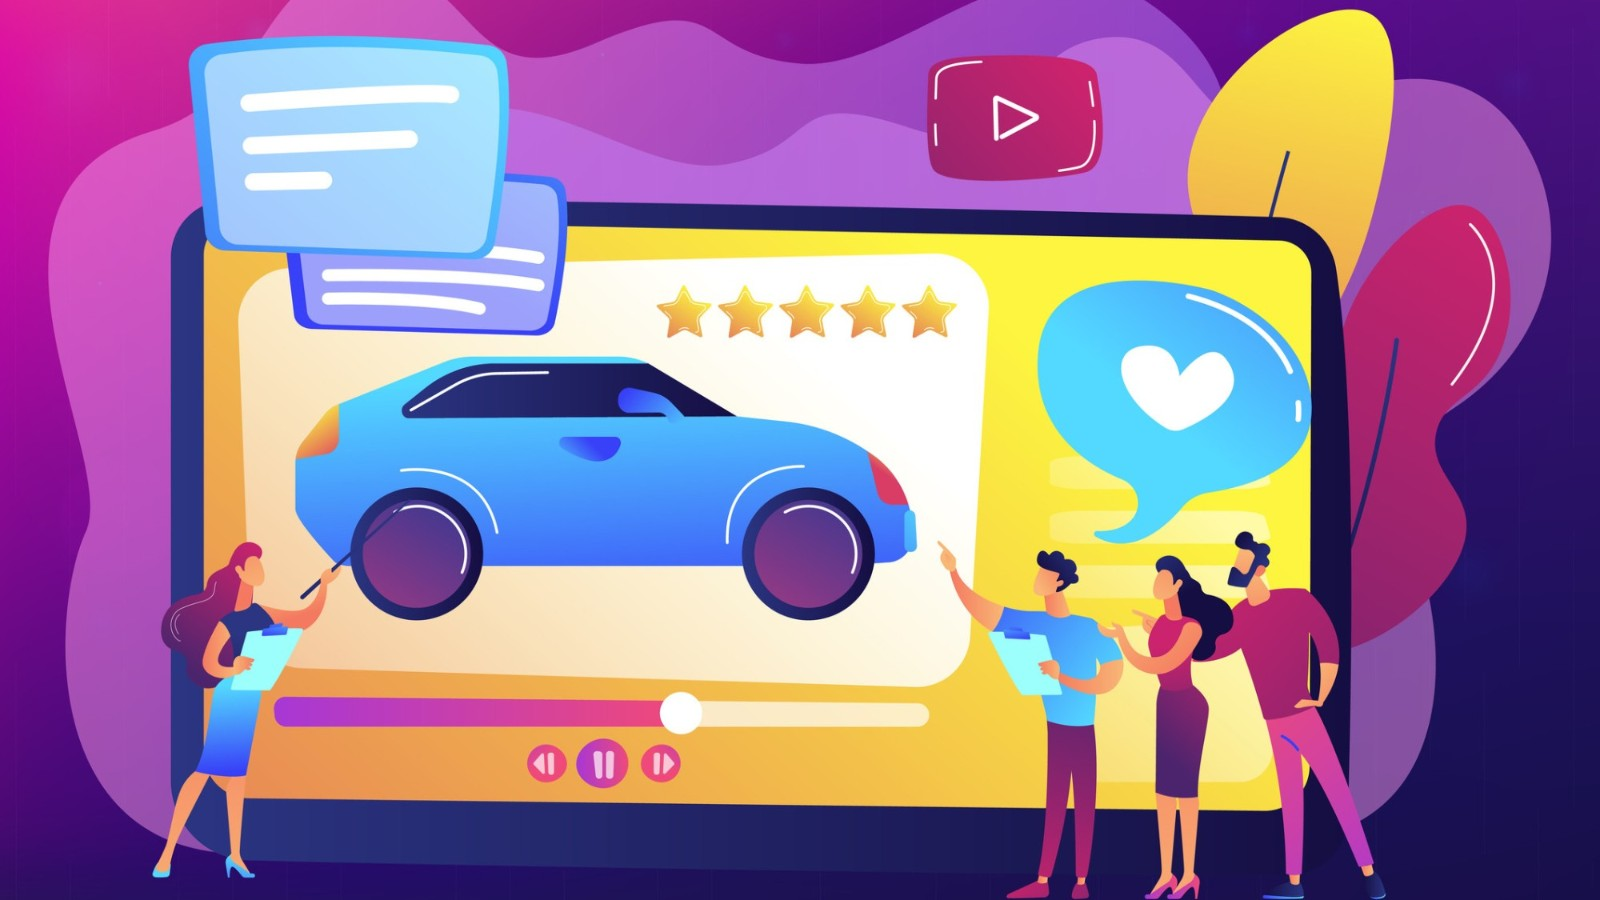 Por que criar um vídeo animado informativo pode ser uma boa escolha?